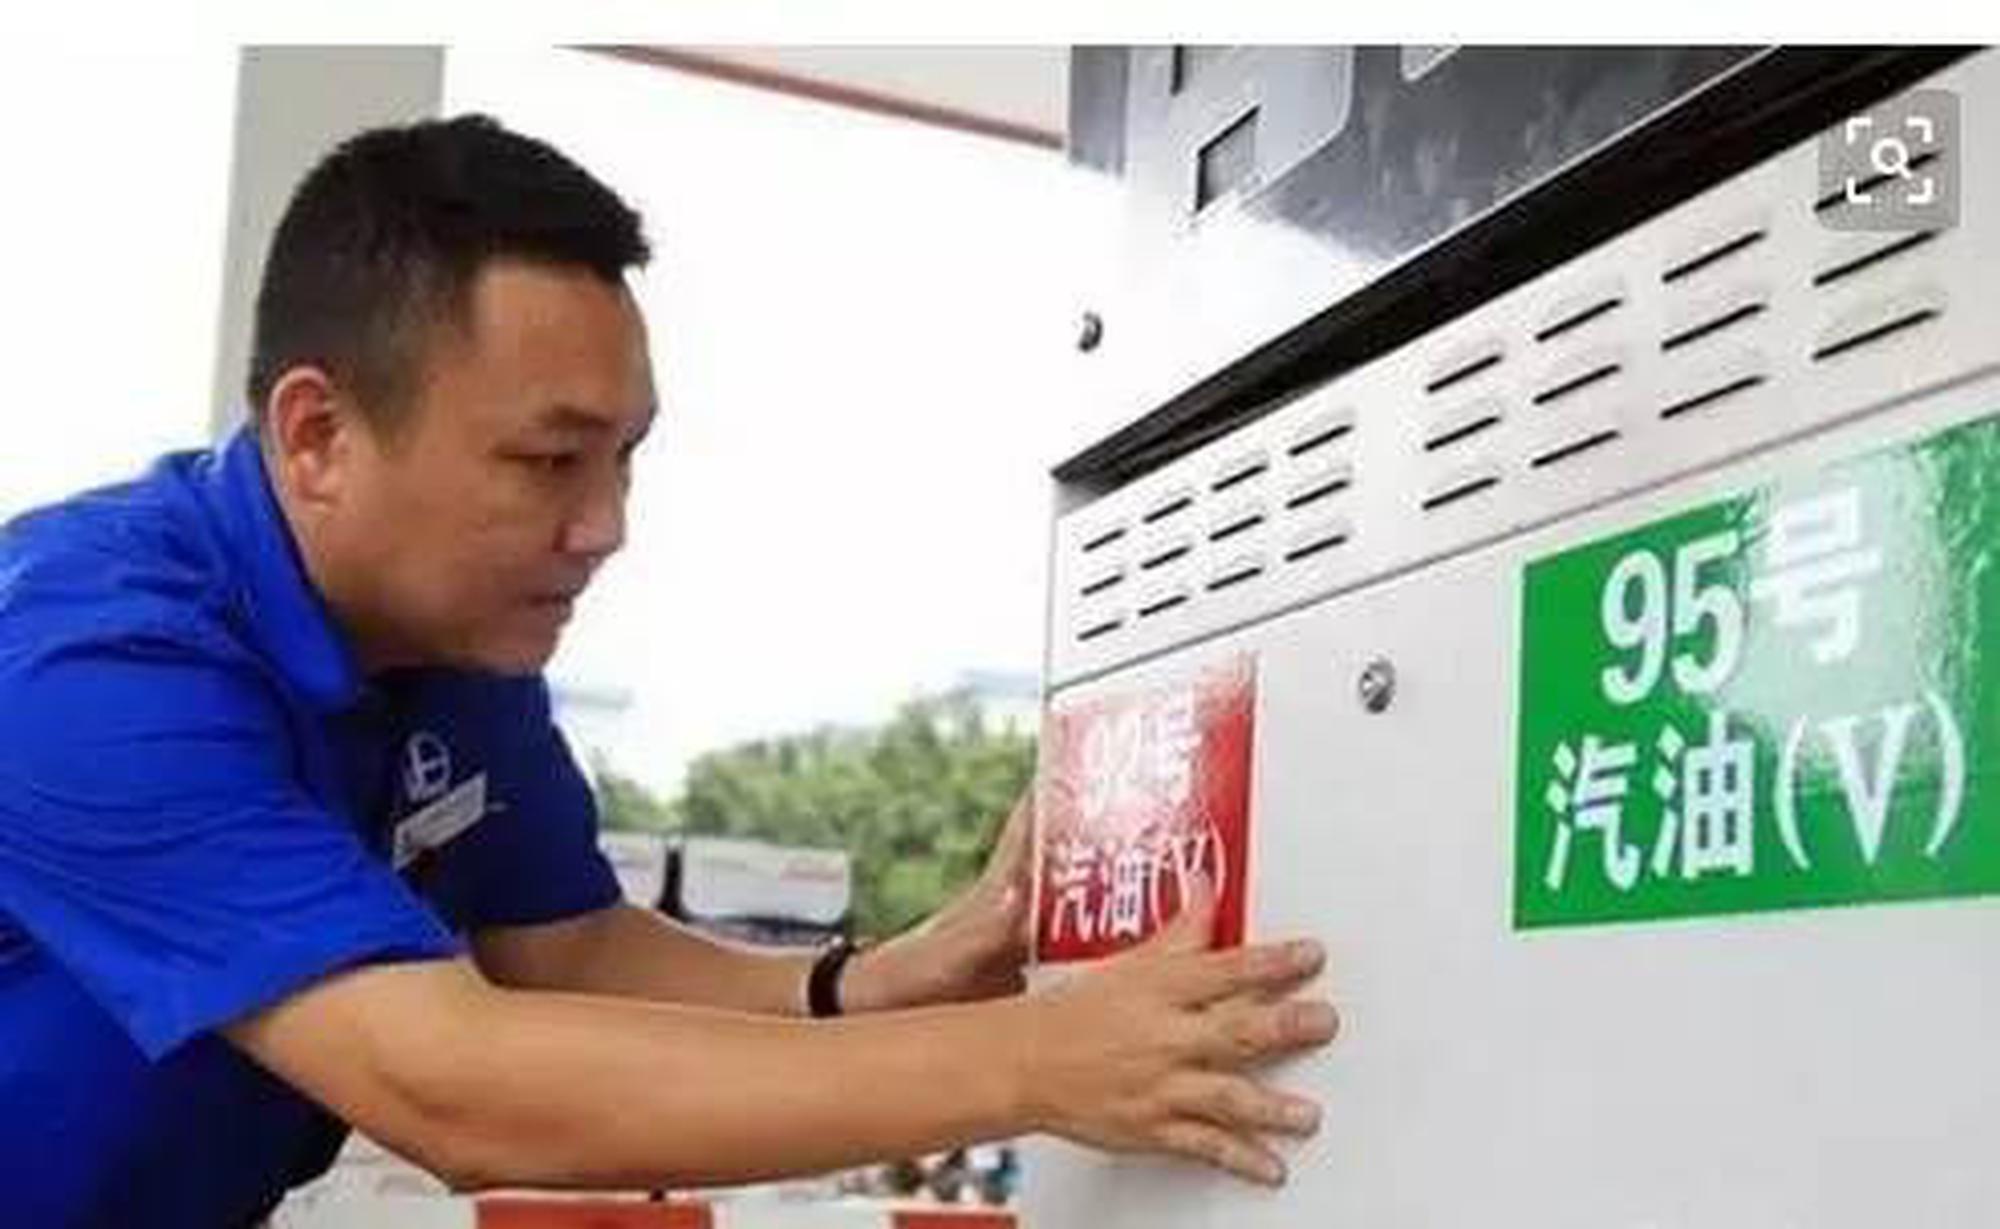 即将问世的95号98号汽油究竟好在哪里?